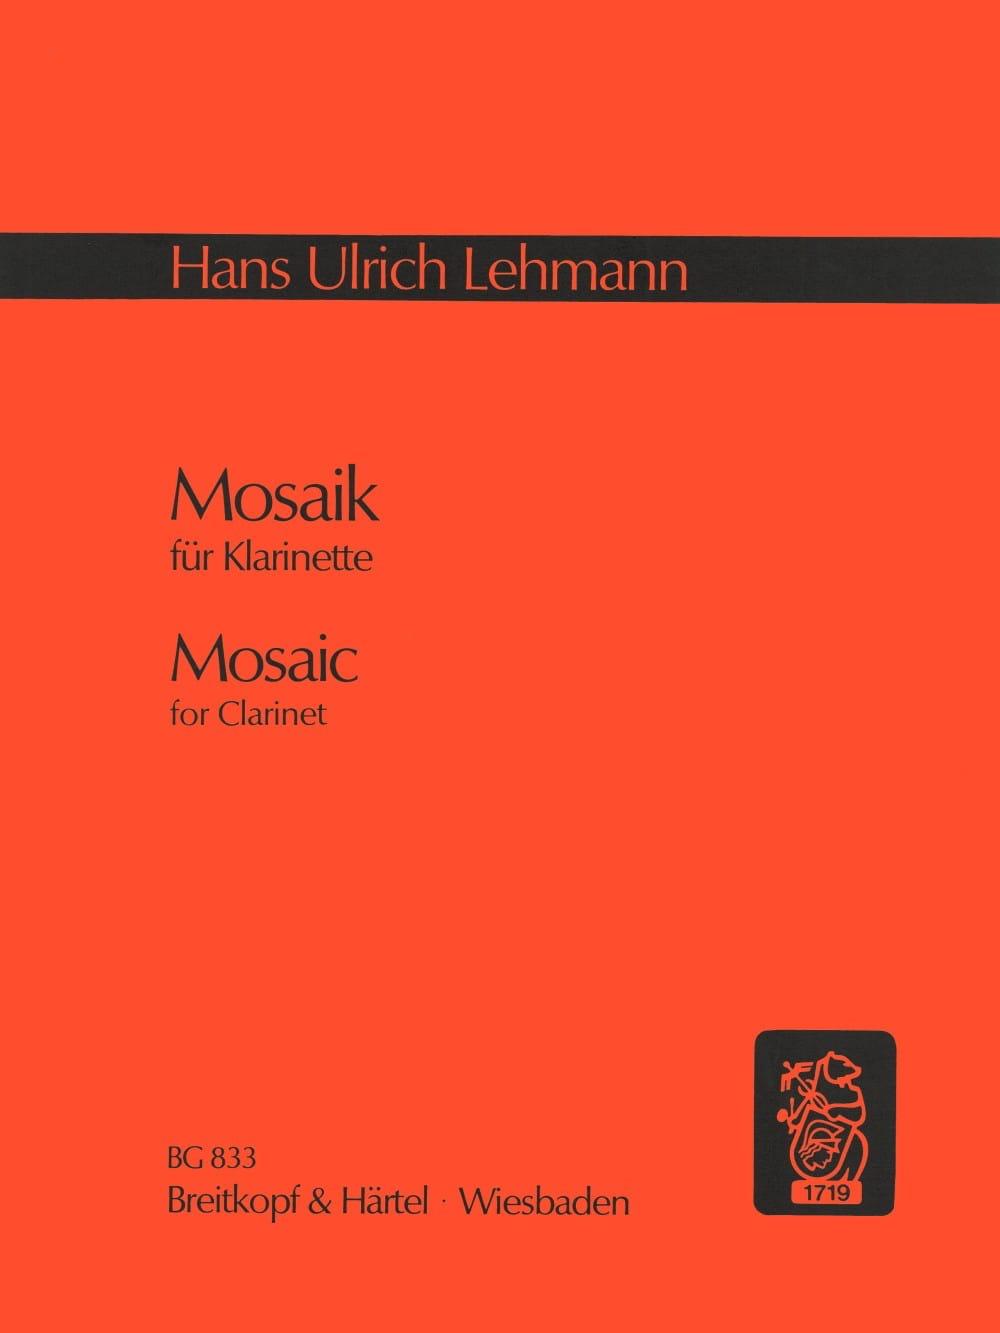 Mosaik - Hans Ulrich Lehmann - Partition - laflutedepan.com